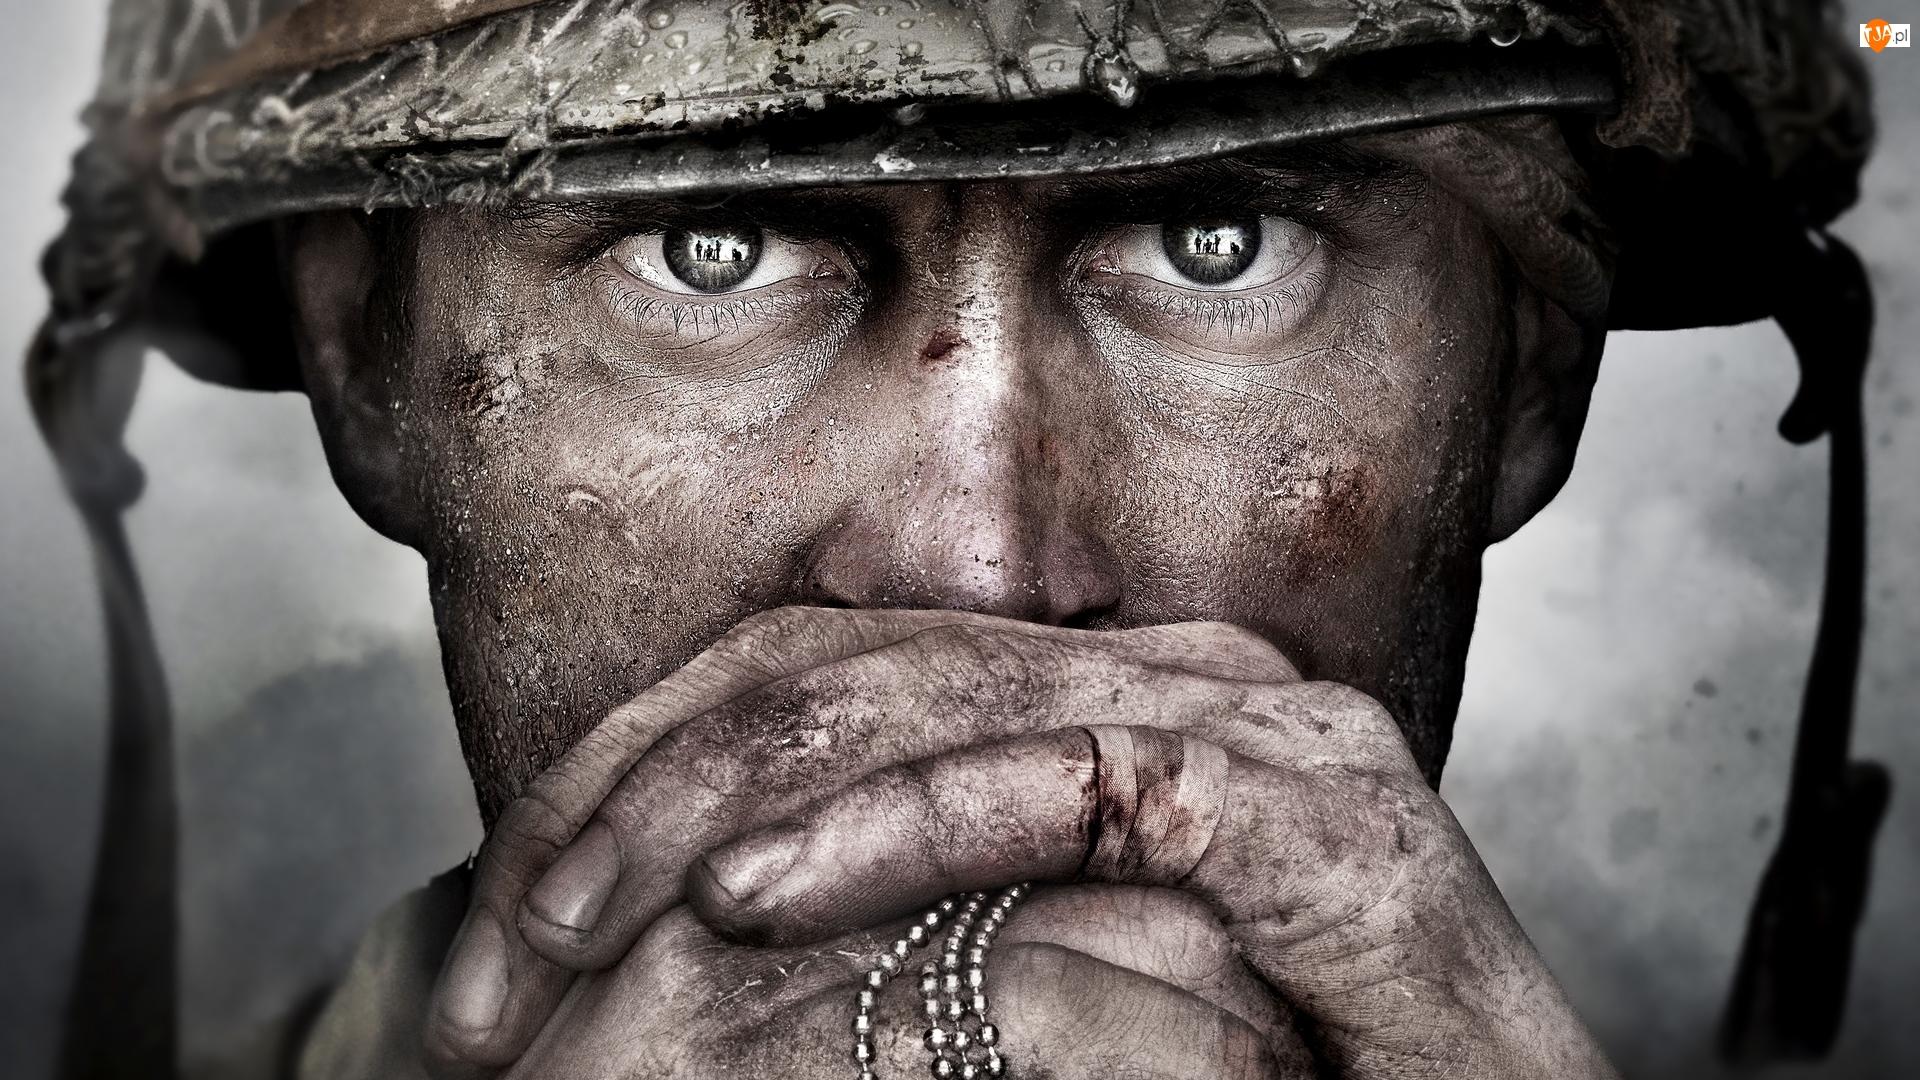 Żołnierz, Gra, Call of Duty: WWII